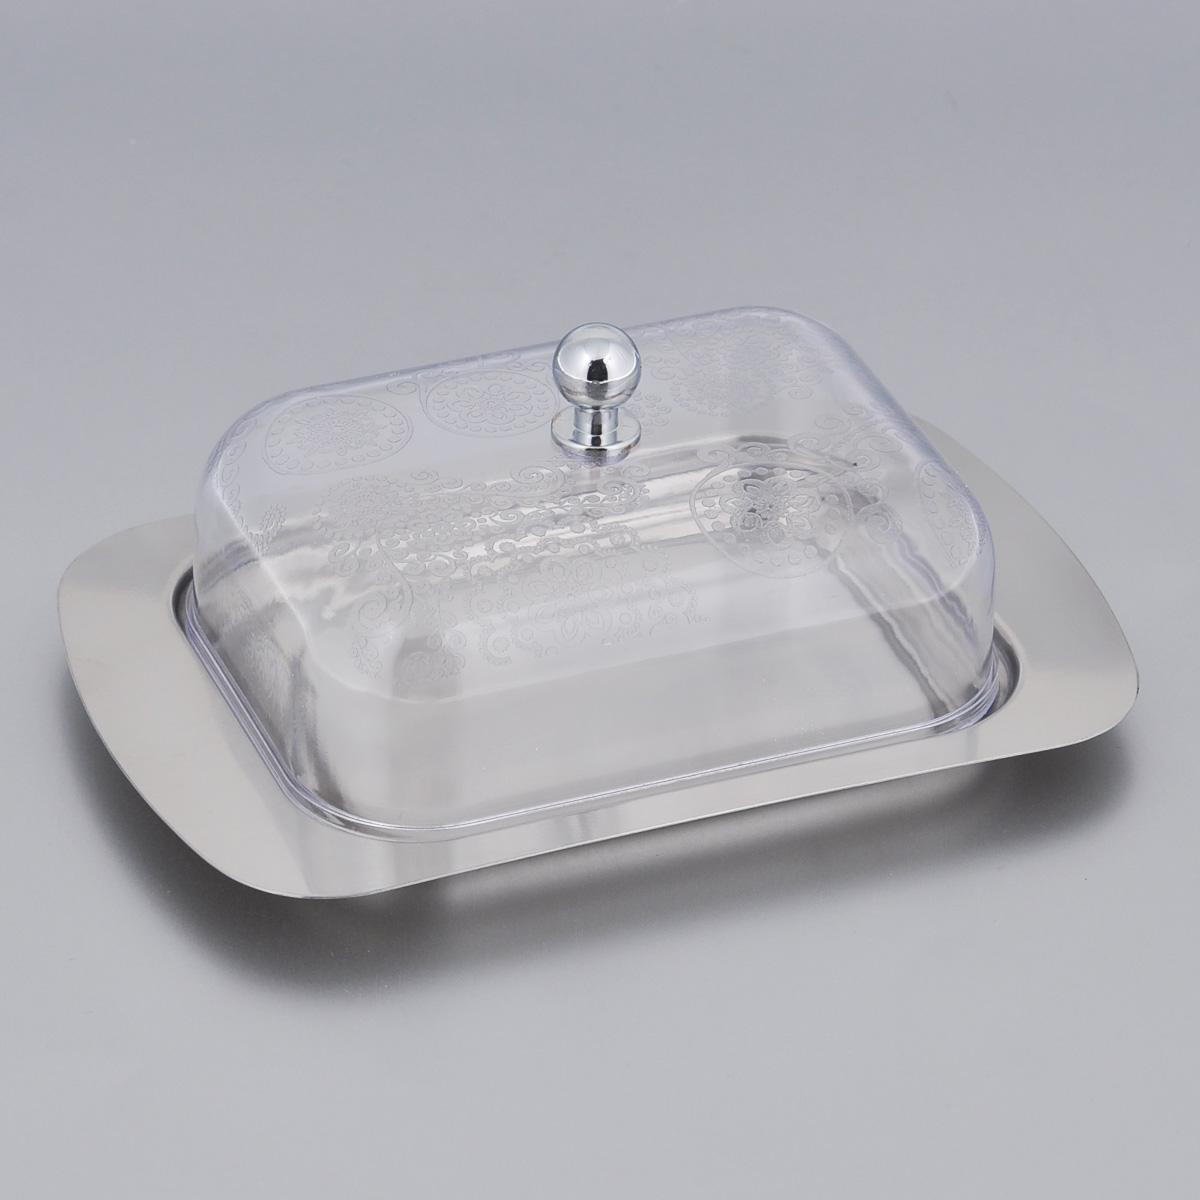 Масленка Mayer & Boch. 2351723517Масленка Mayer & Boch предназначена для красивой сервировки и хранения масла. Она состоит из пластиковой крышки с удобной ручкой и подноса из нержавеющей стали. Масло в ней долго остается свежим, а при хранении в холодильнике не впитывает посторонние запахи. Гладкая поверхность обеспечивает легкую чистку. Можно мыть в посудомоечной машине. Размер подноса: 19 см х 12 см х 1,5 см. Размер крышки: 13 см х 10 см х 6 см.